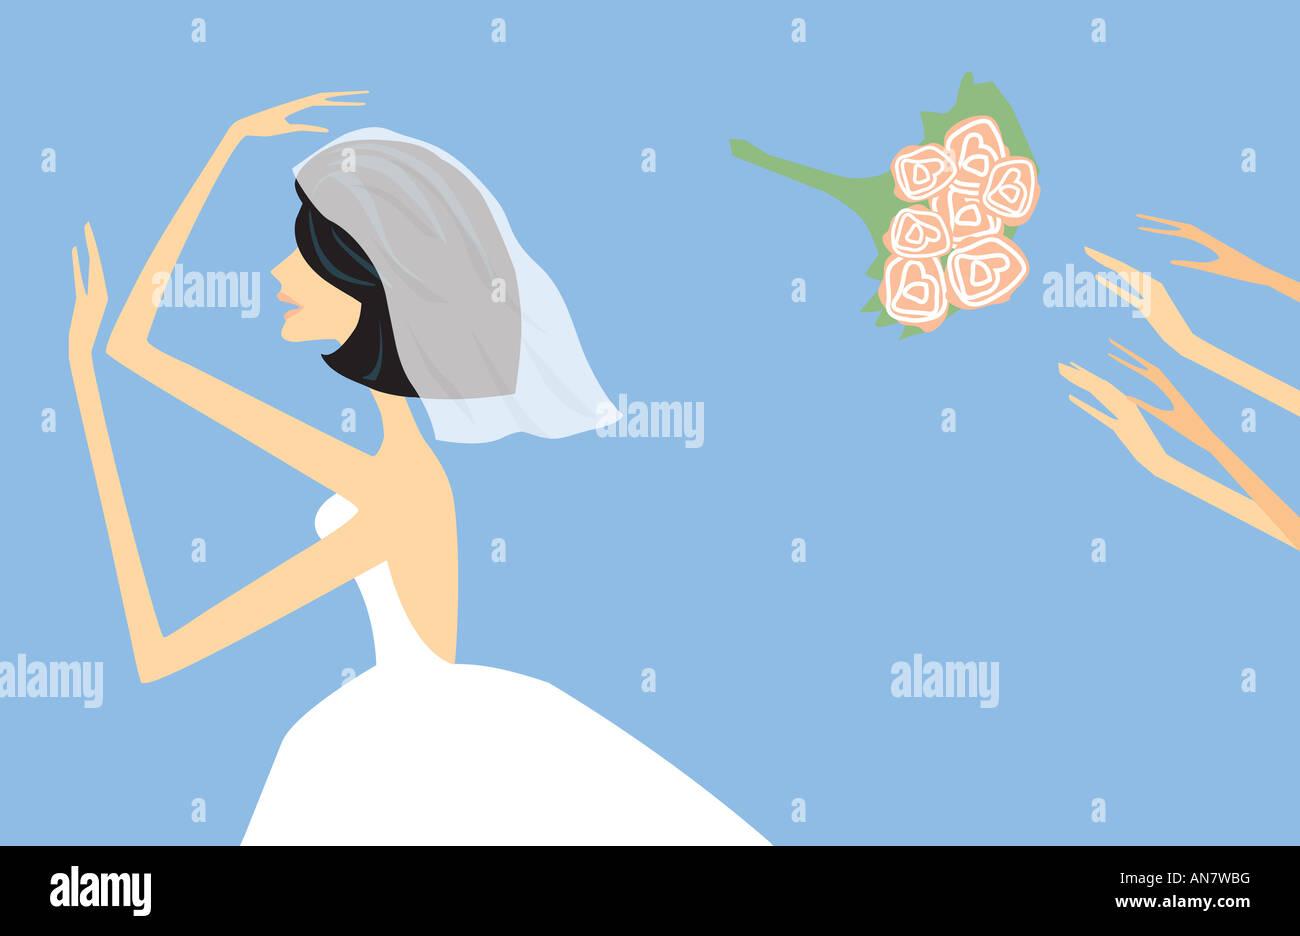 Coger el ramo de boda nupcial - Ilustración Imagen De Stock